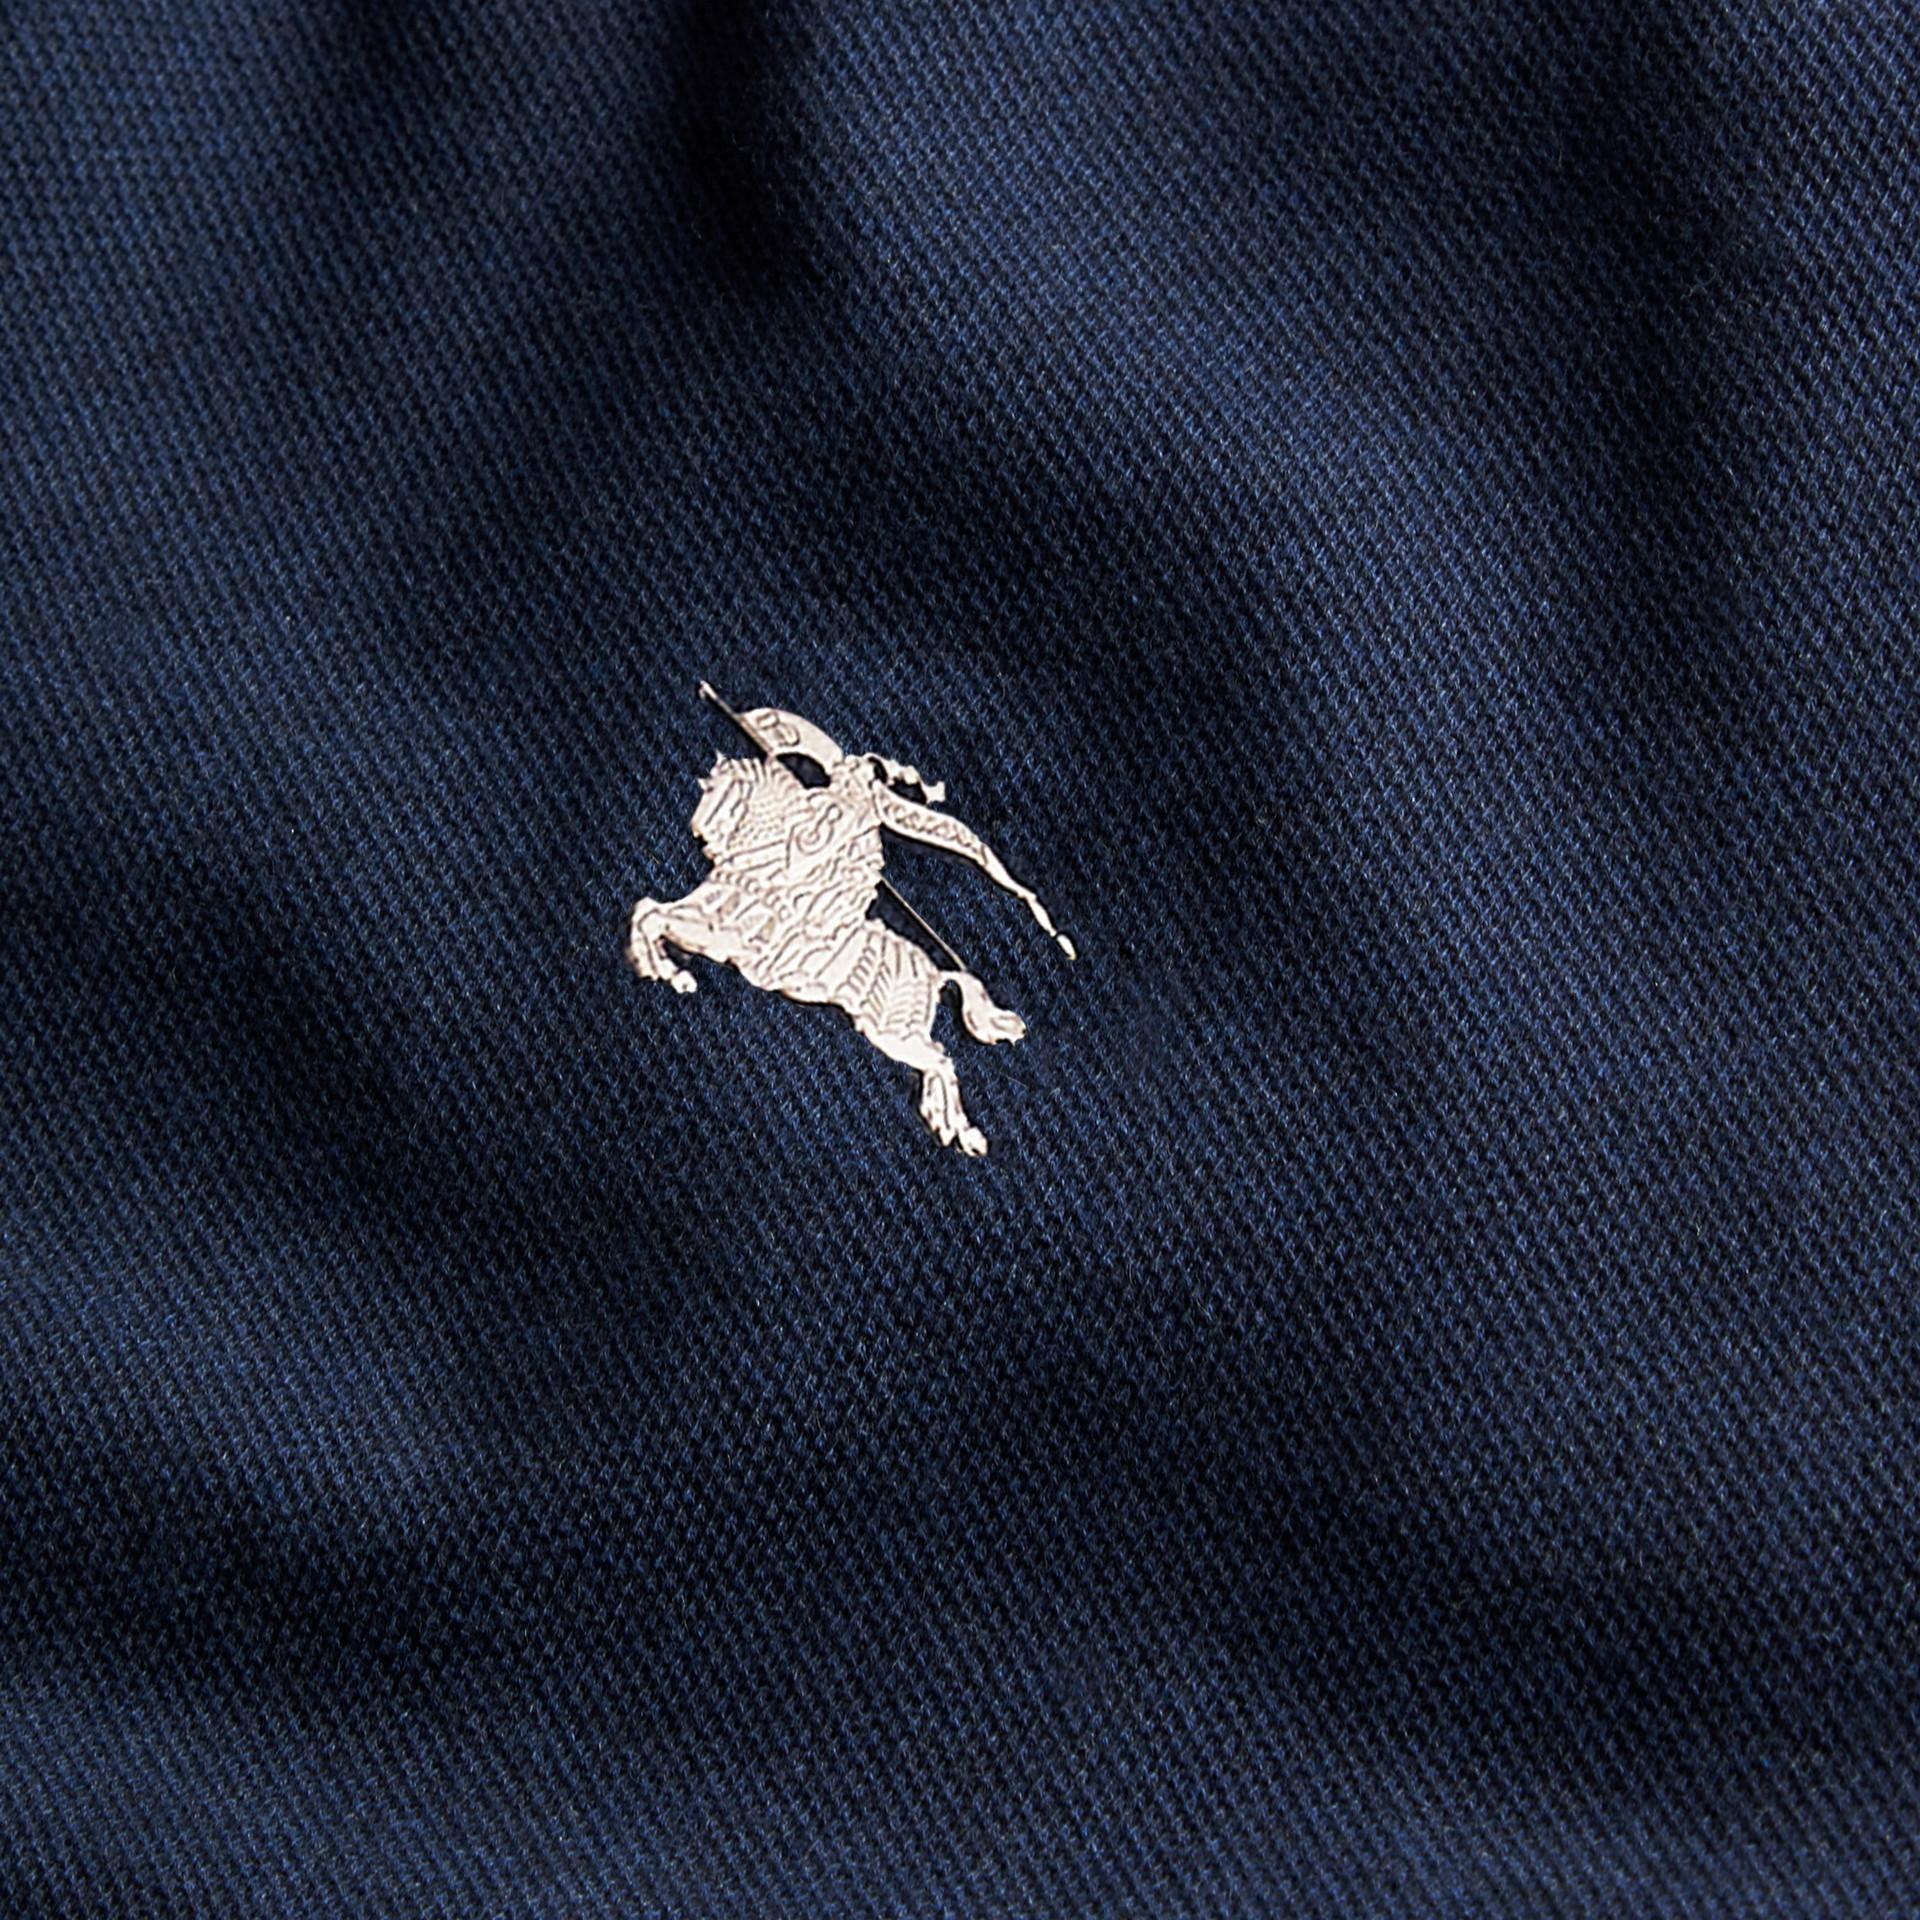 Navy mélange Polo in cotone piqué con dettaglio dal colore a contrasto Navy Mélange - immagine della galleria 2